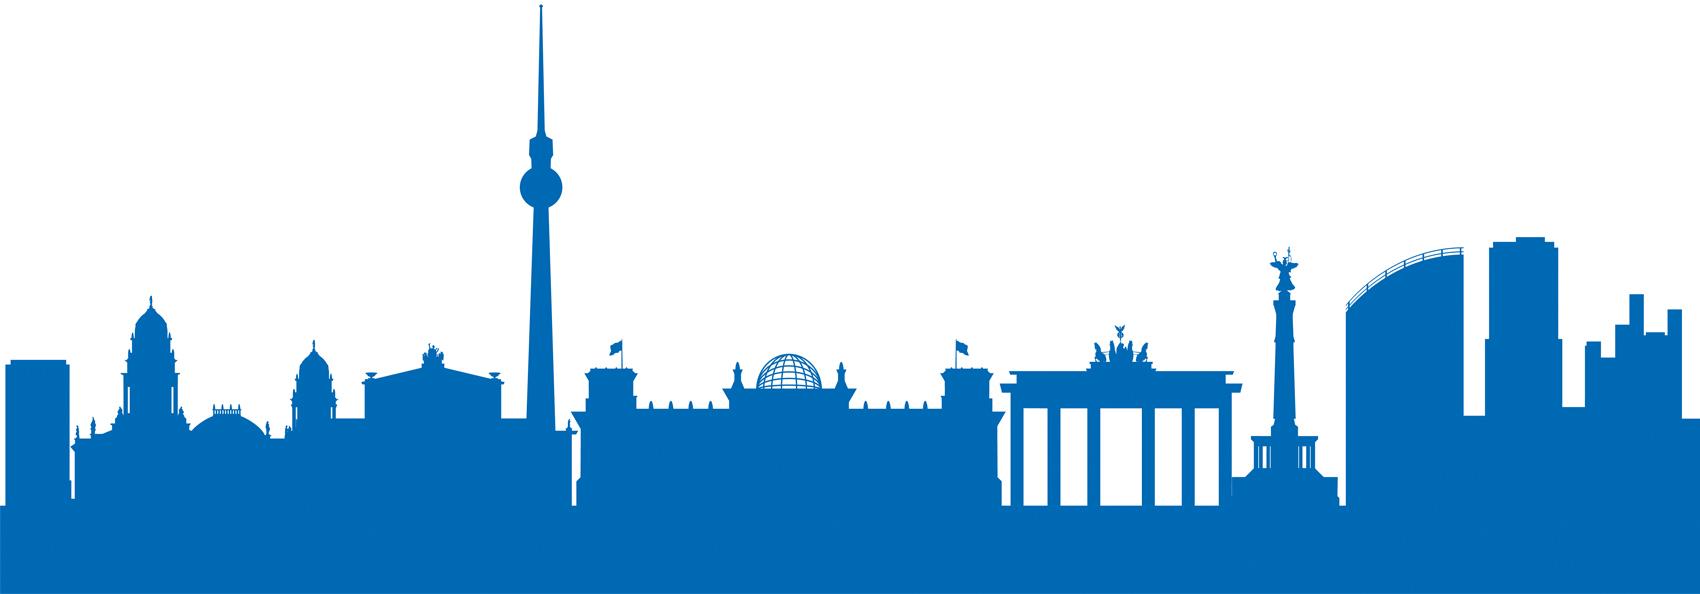 Die Grafik zeigt die Silhouette der bekanntesten Sehenswürdigkeiten in Berlin.